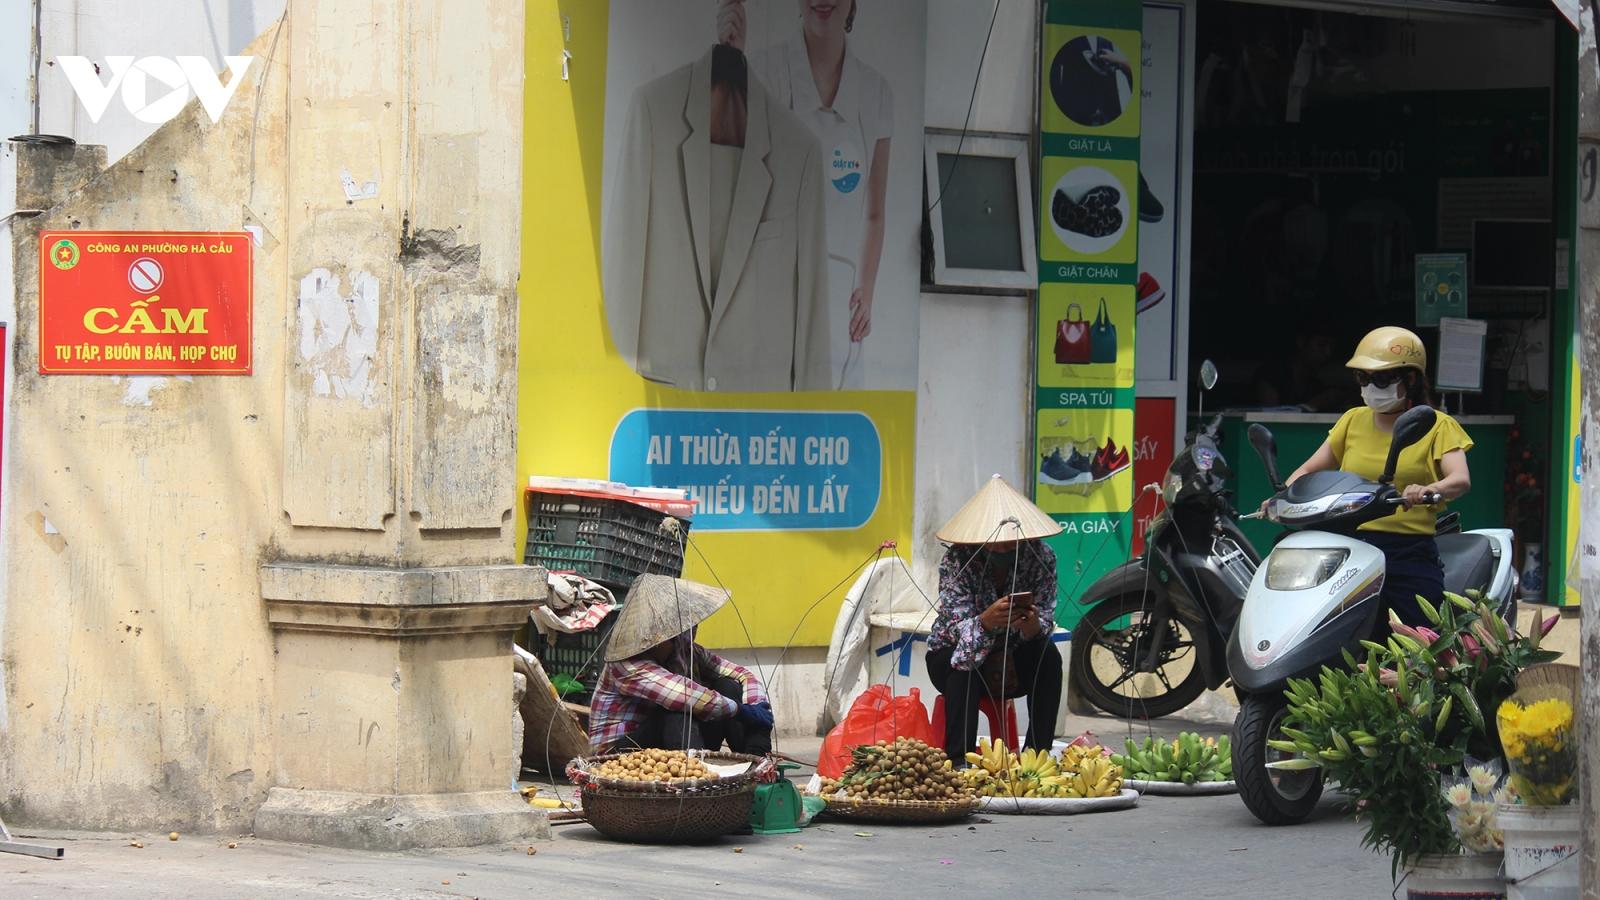 Chợ cóc, chợ tạm ở Hà Nội vẫn ngang nhiên tụ họp sau Công điện số 15